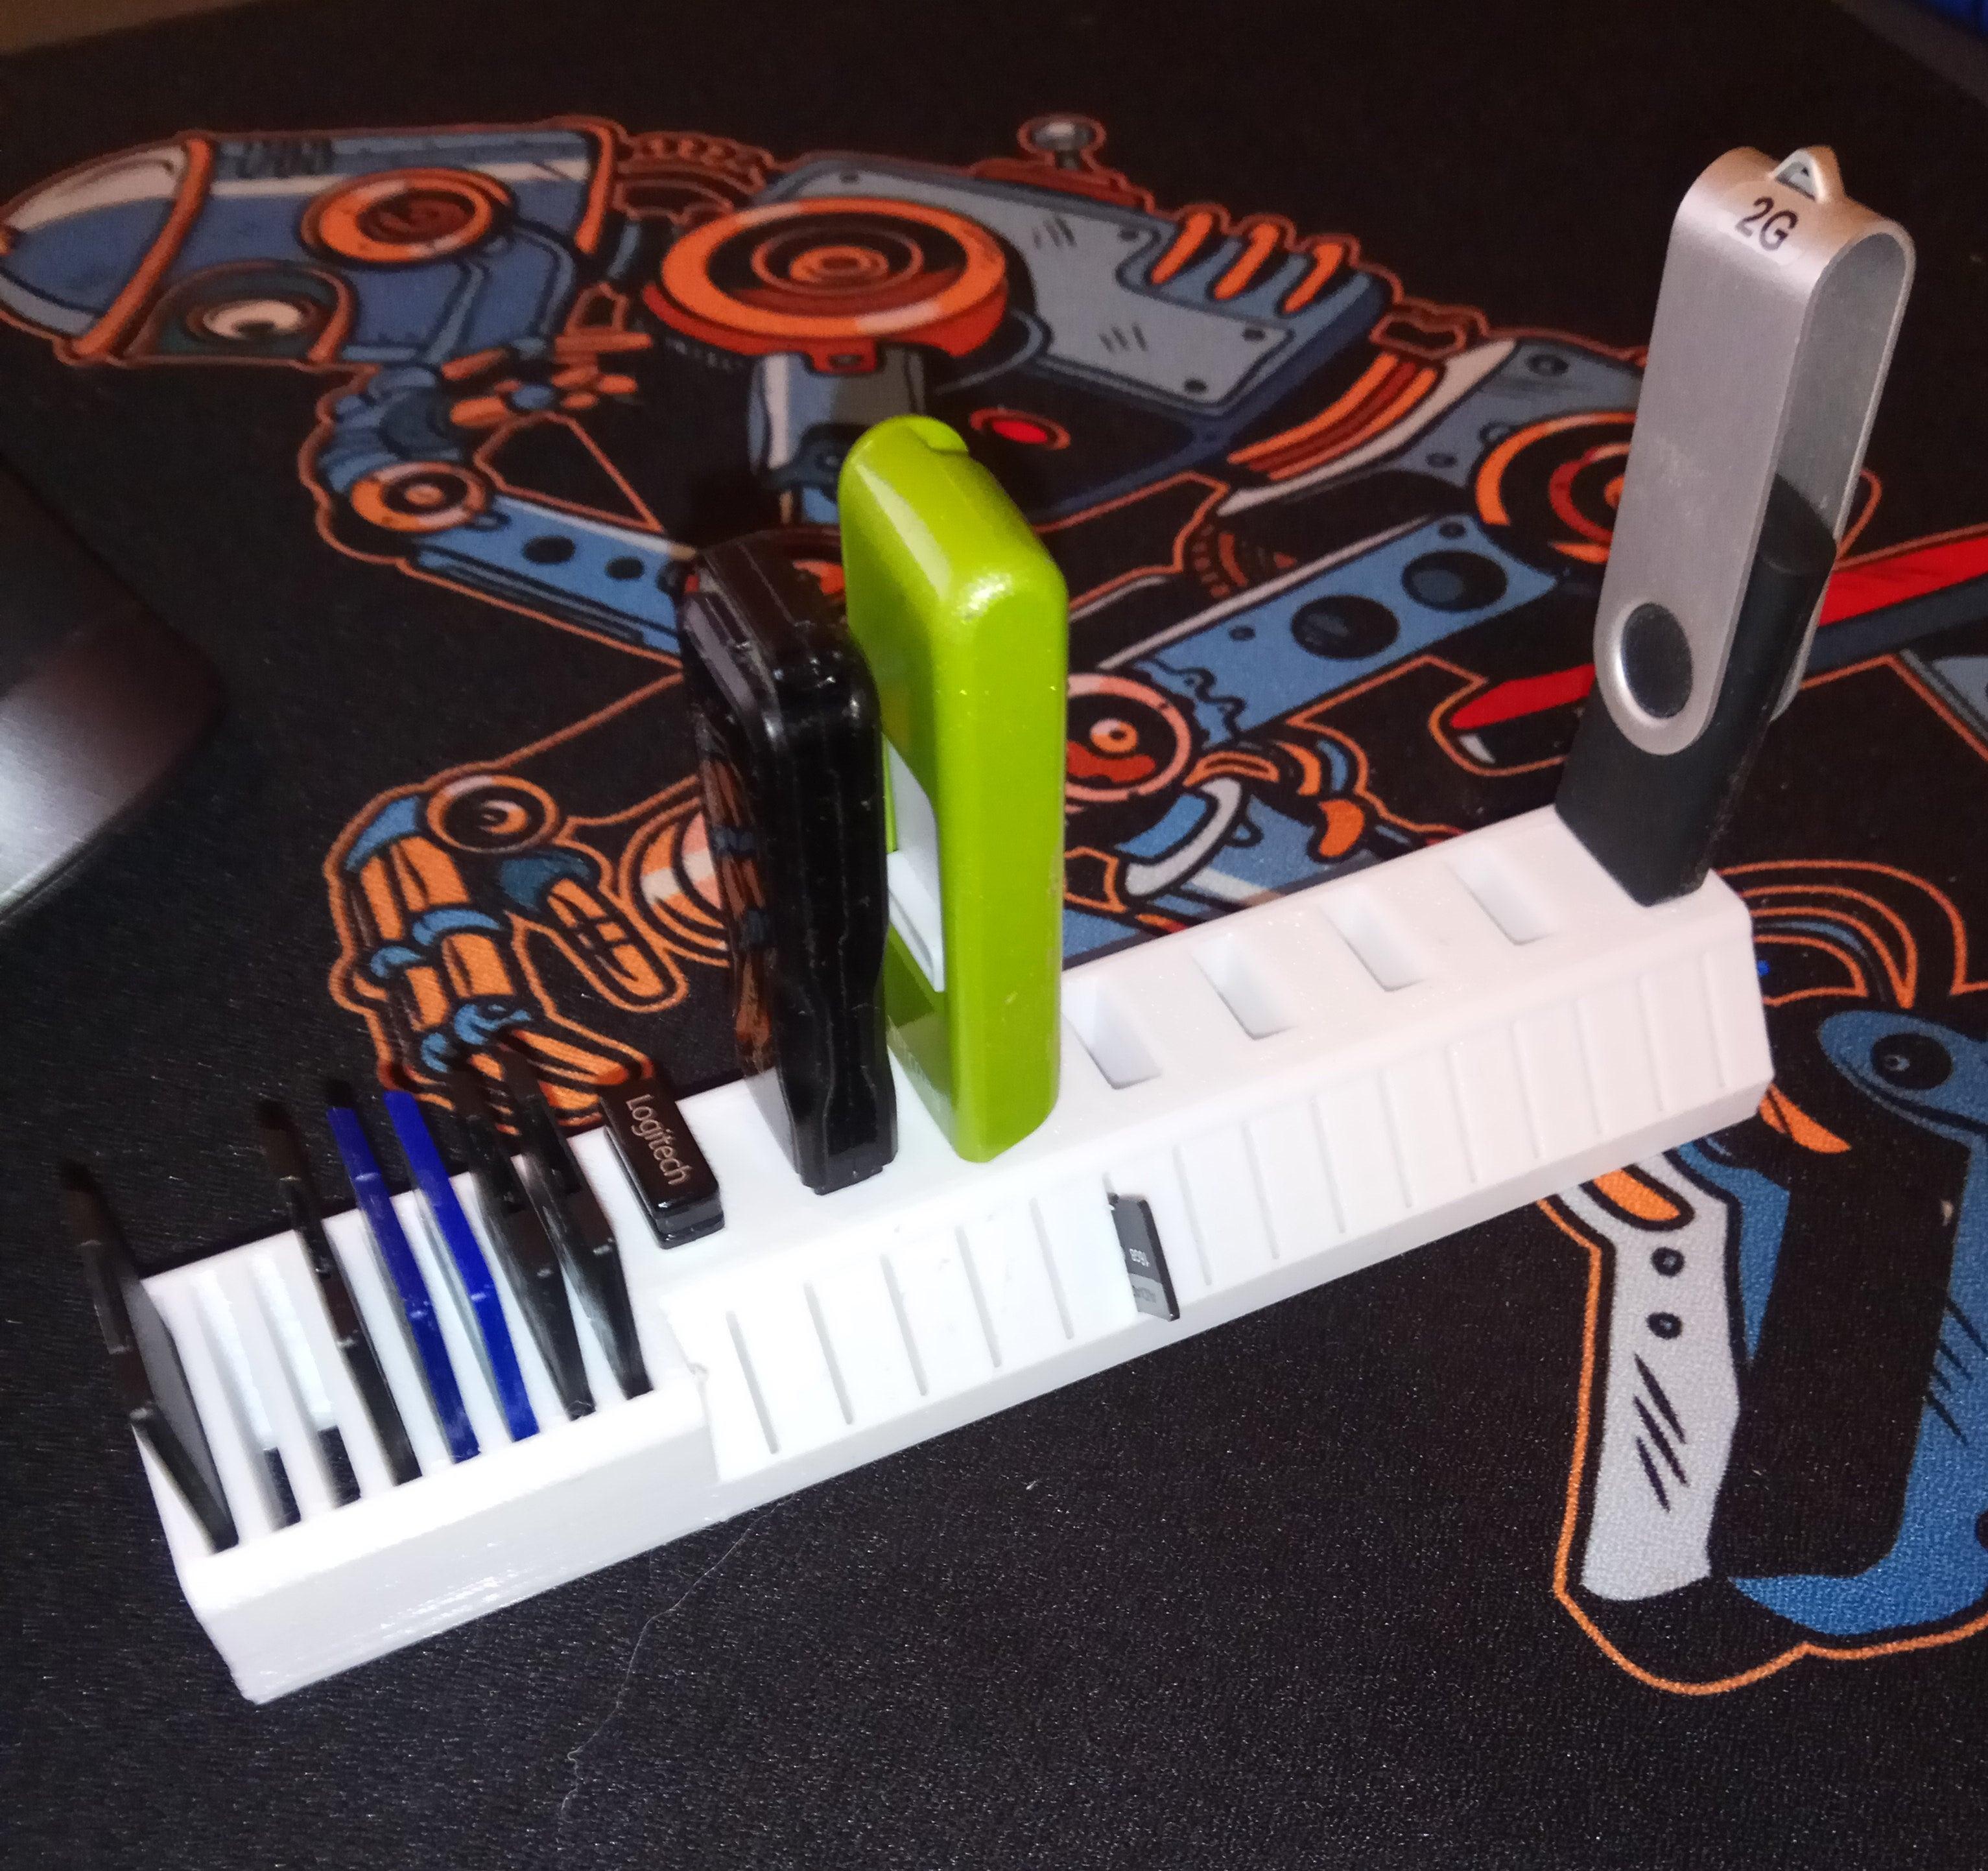 Geniş USB'ler için USB SD ve MicroSD kart tutucu